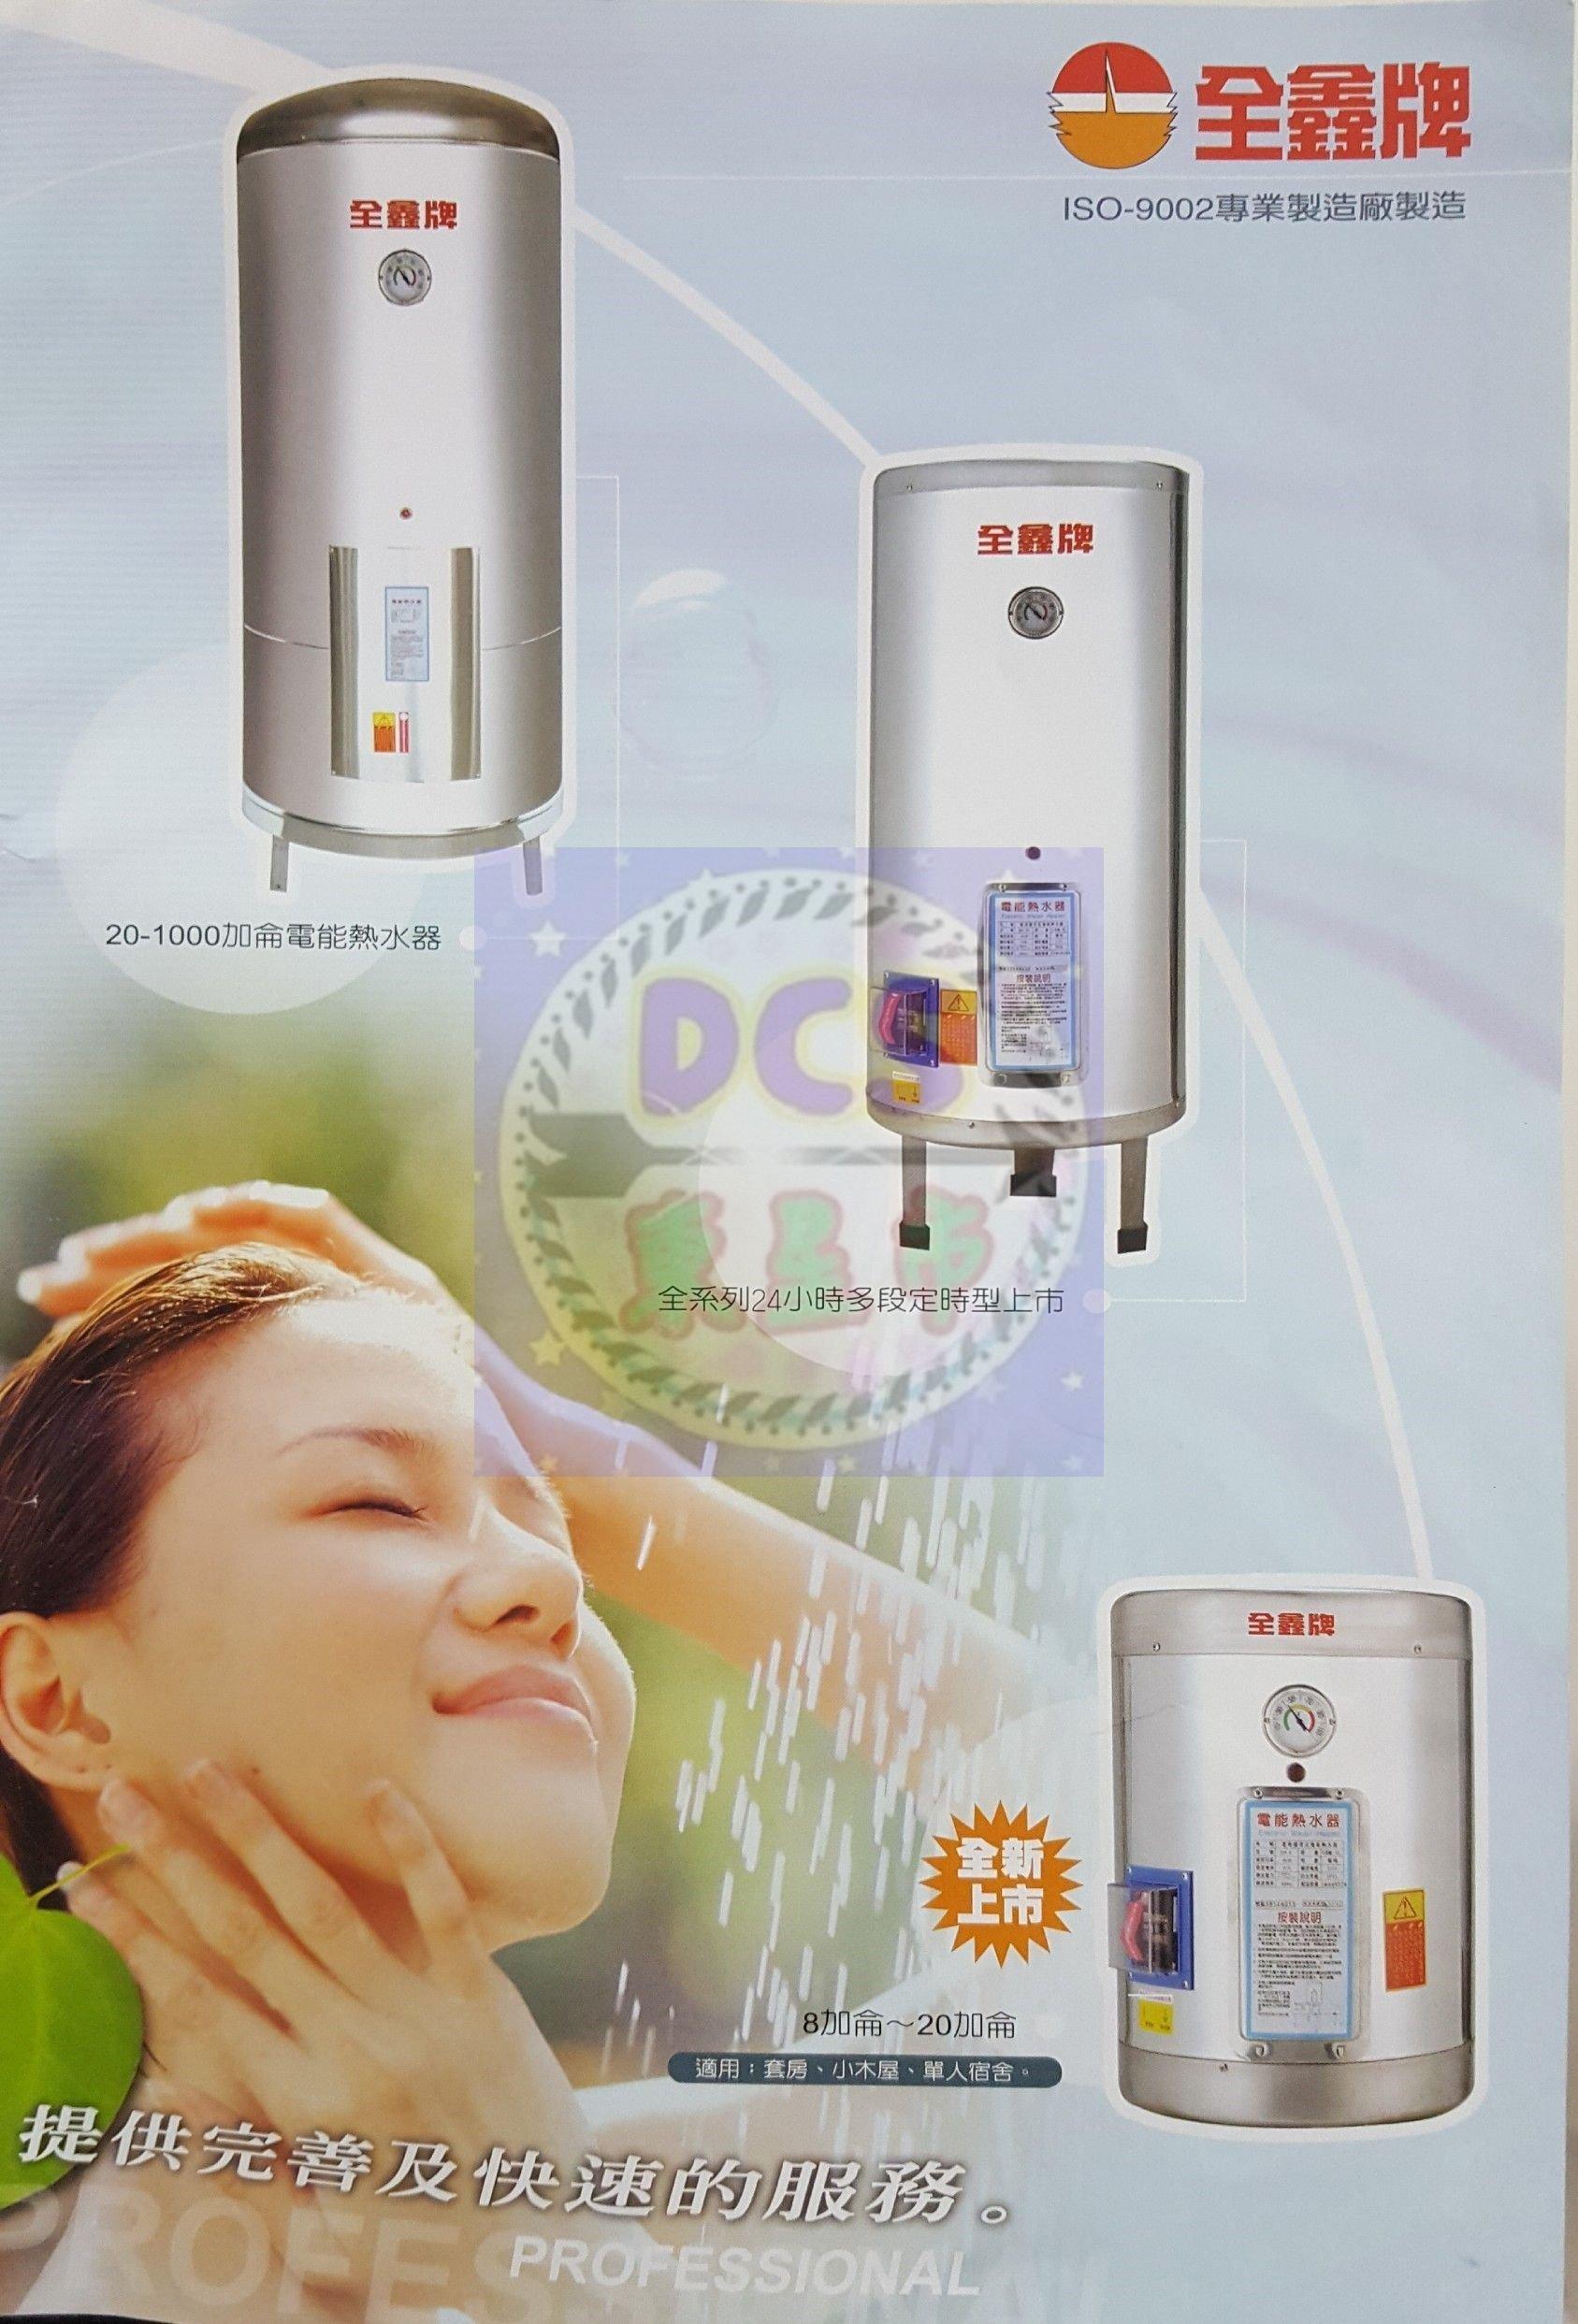 【東星市】全鑫牌立式、直掛式電能熱水器20電能熱水器20加侖CK820 含稅 50 60 80 100 120加侖